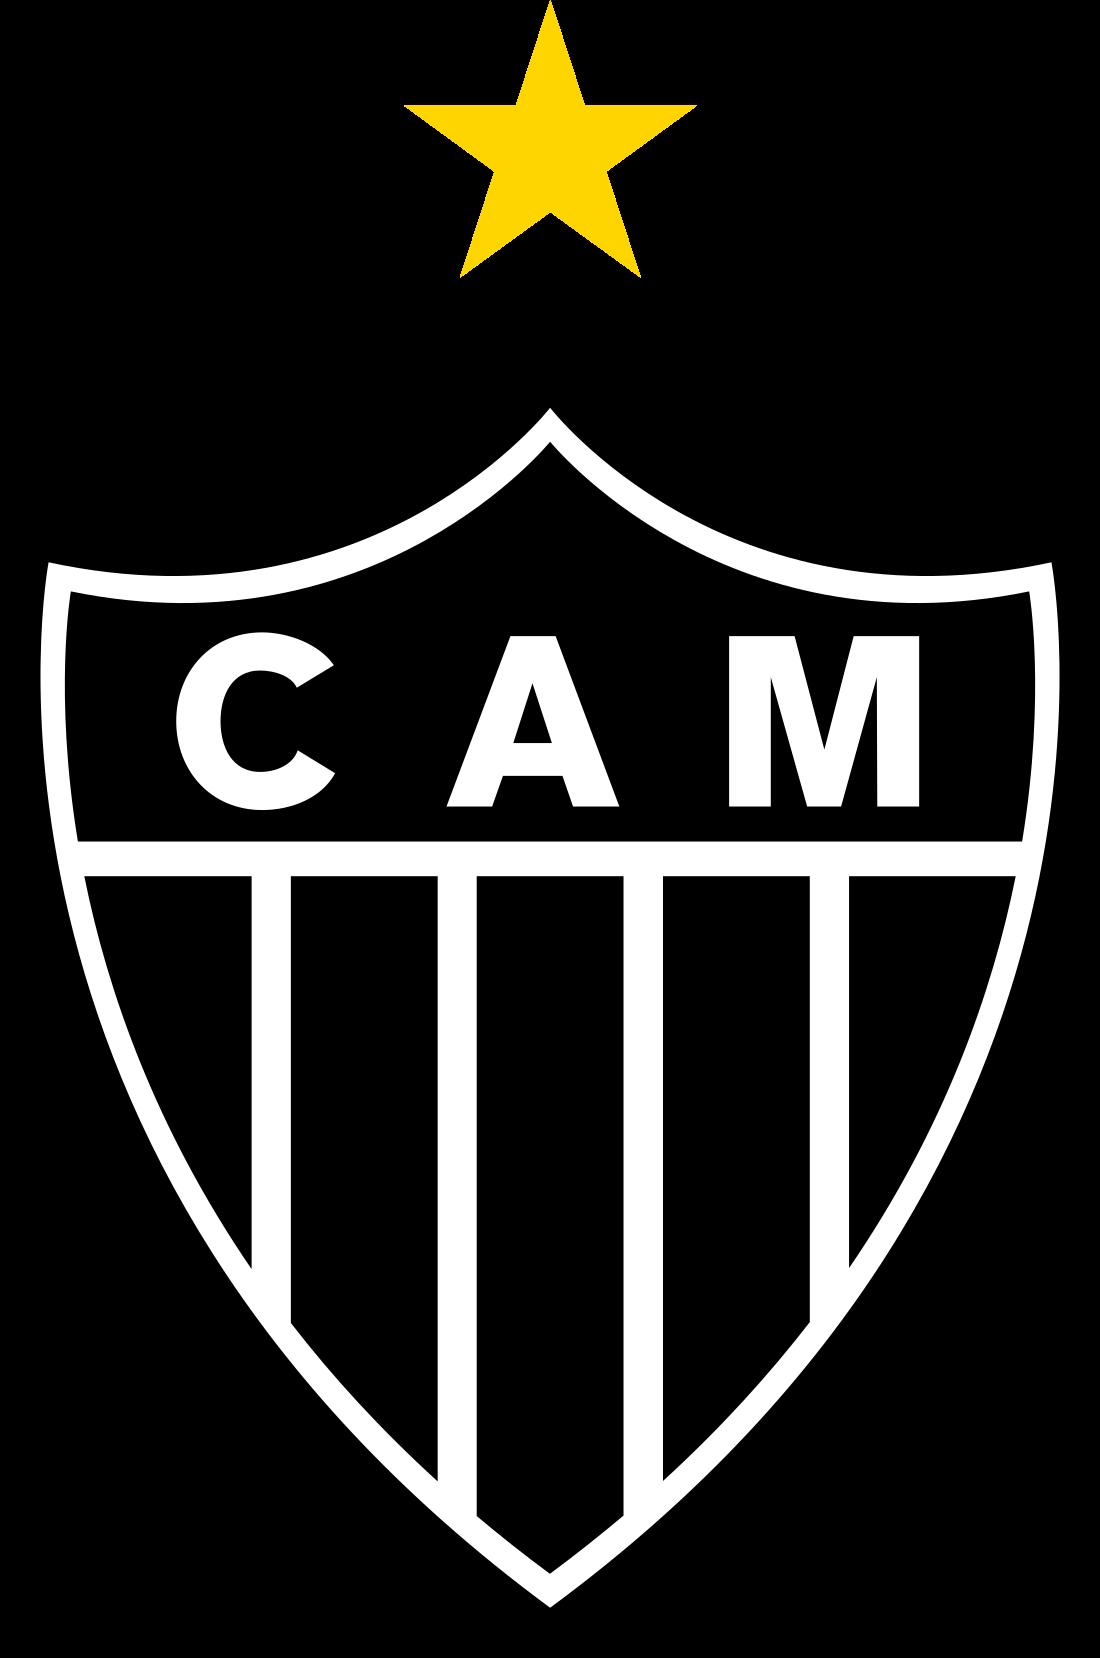 atletico mineiro logo escudo 6 - Atlético Mineiro Logo - Escudo